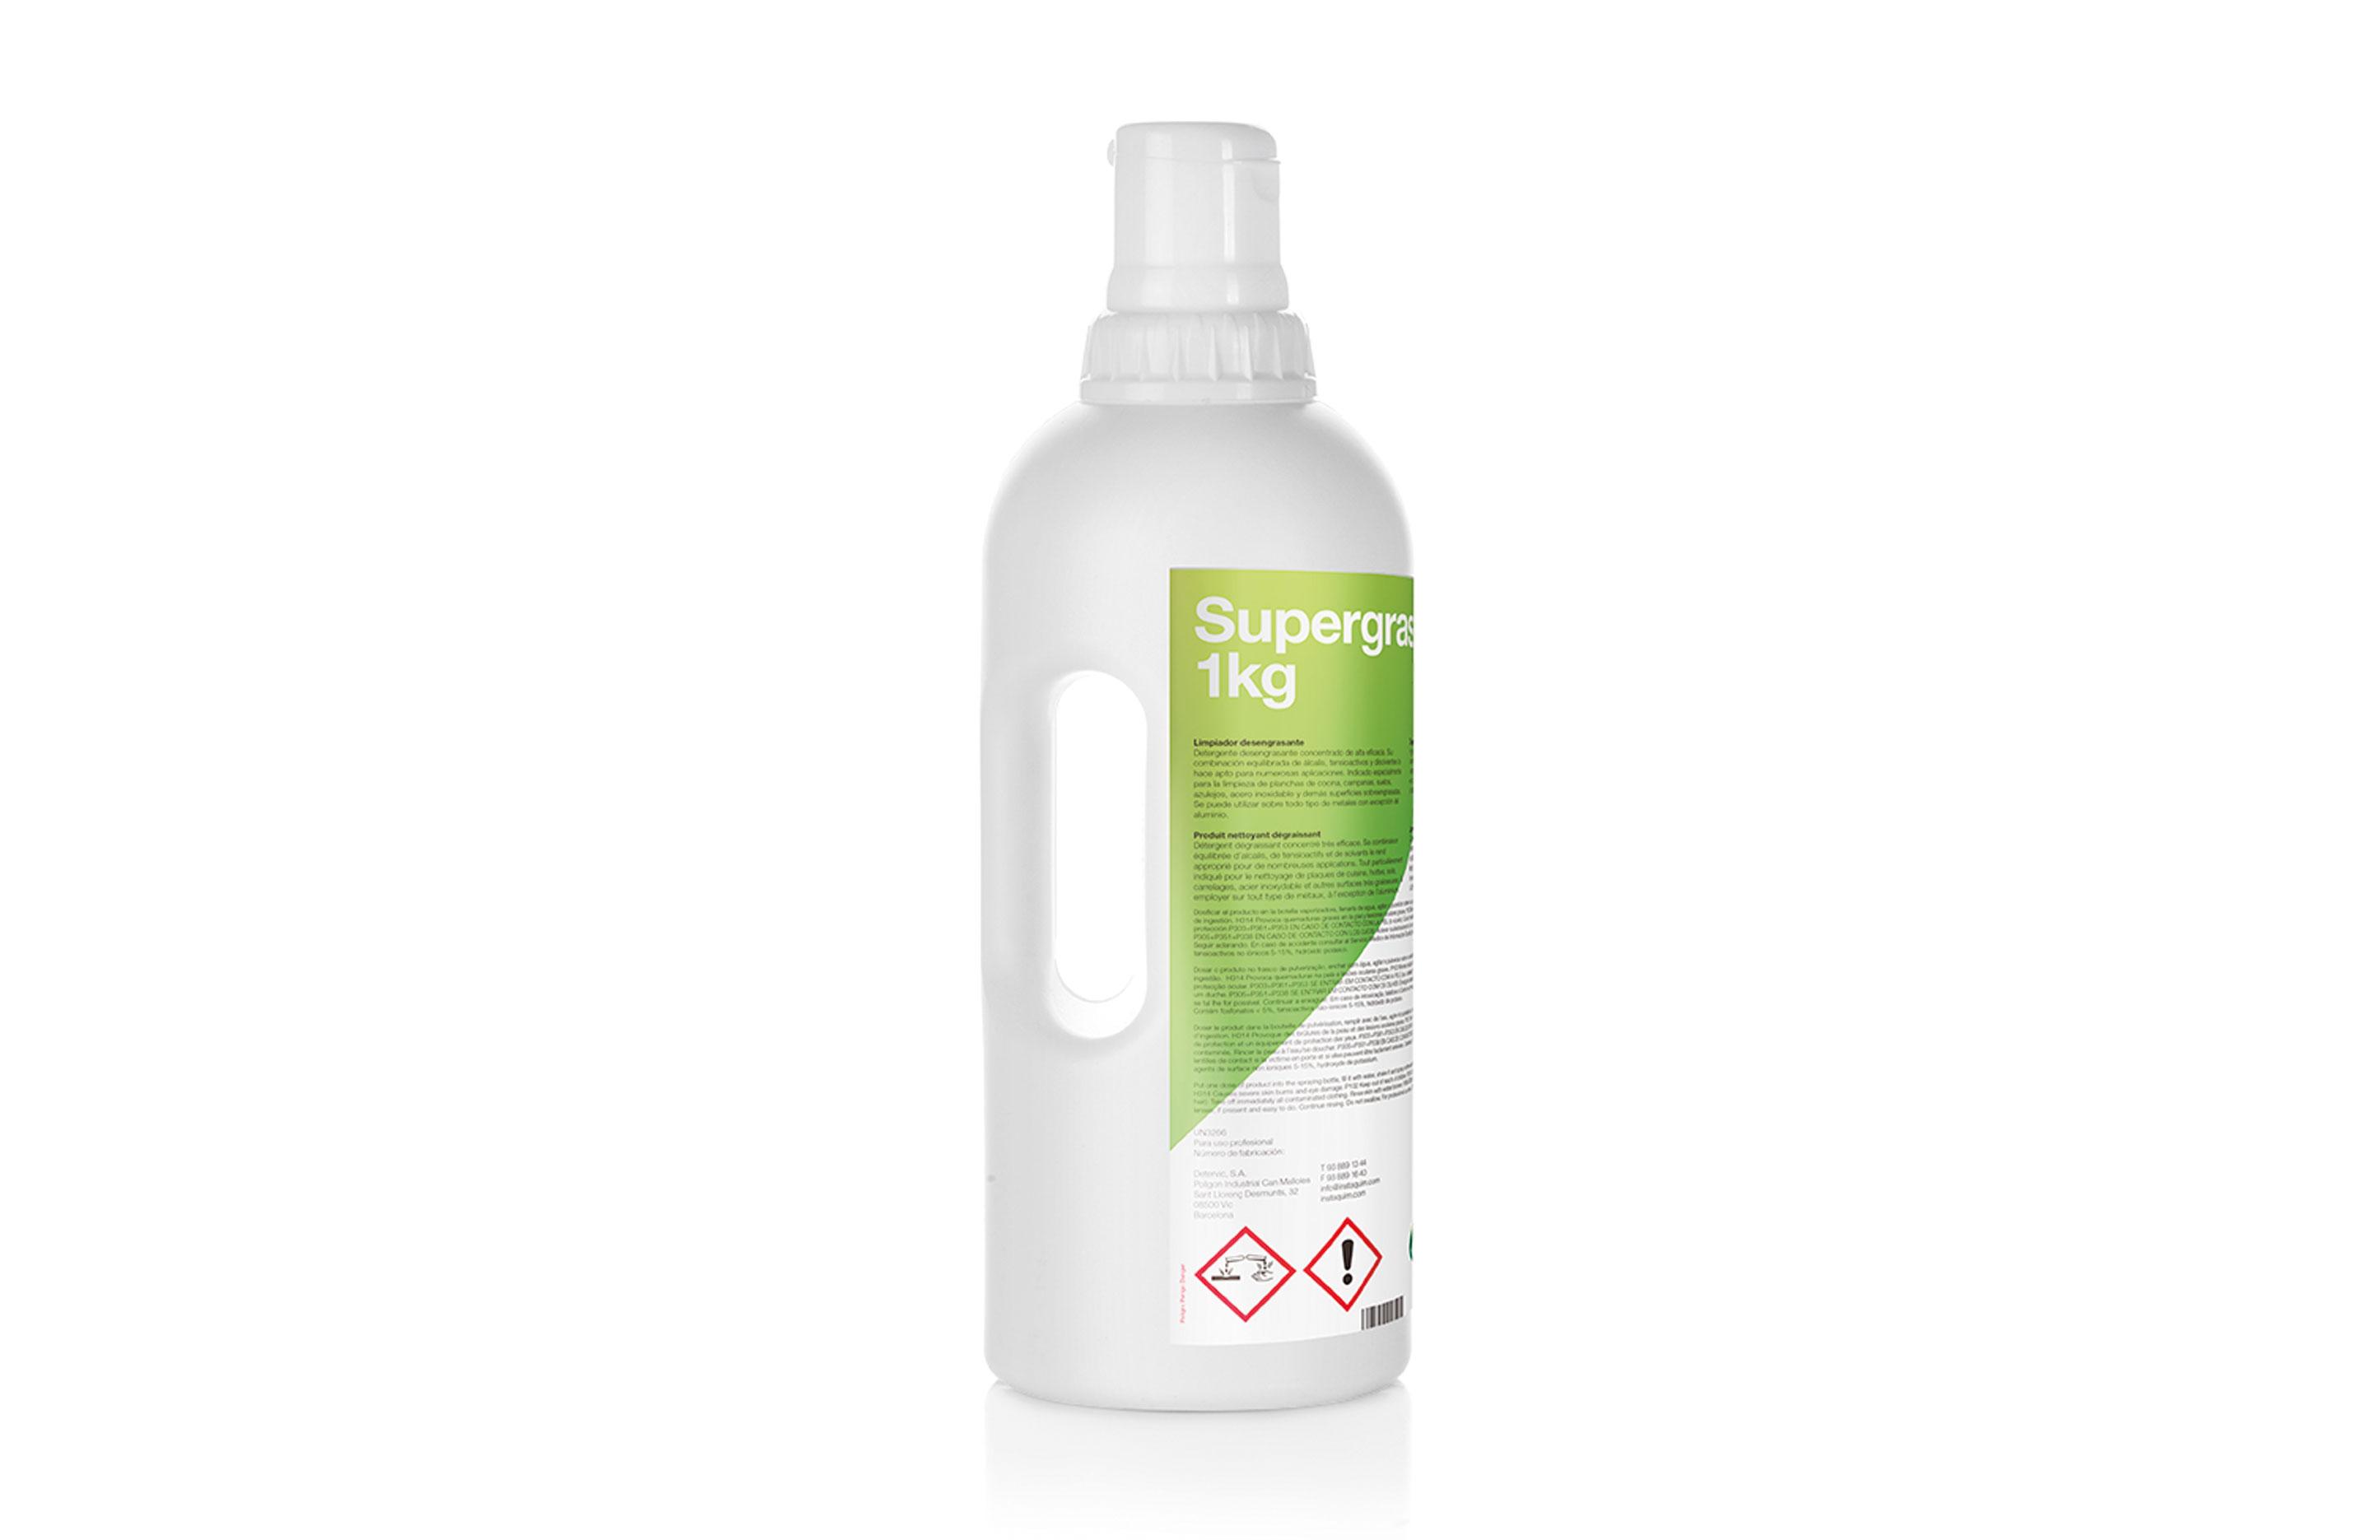 Supergrass, Produit nettoyant dégraissant - Autodosis